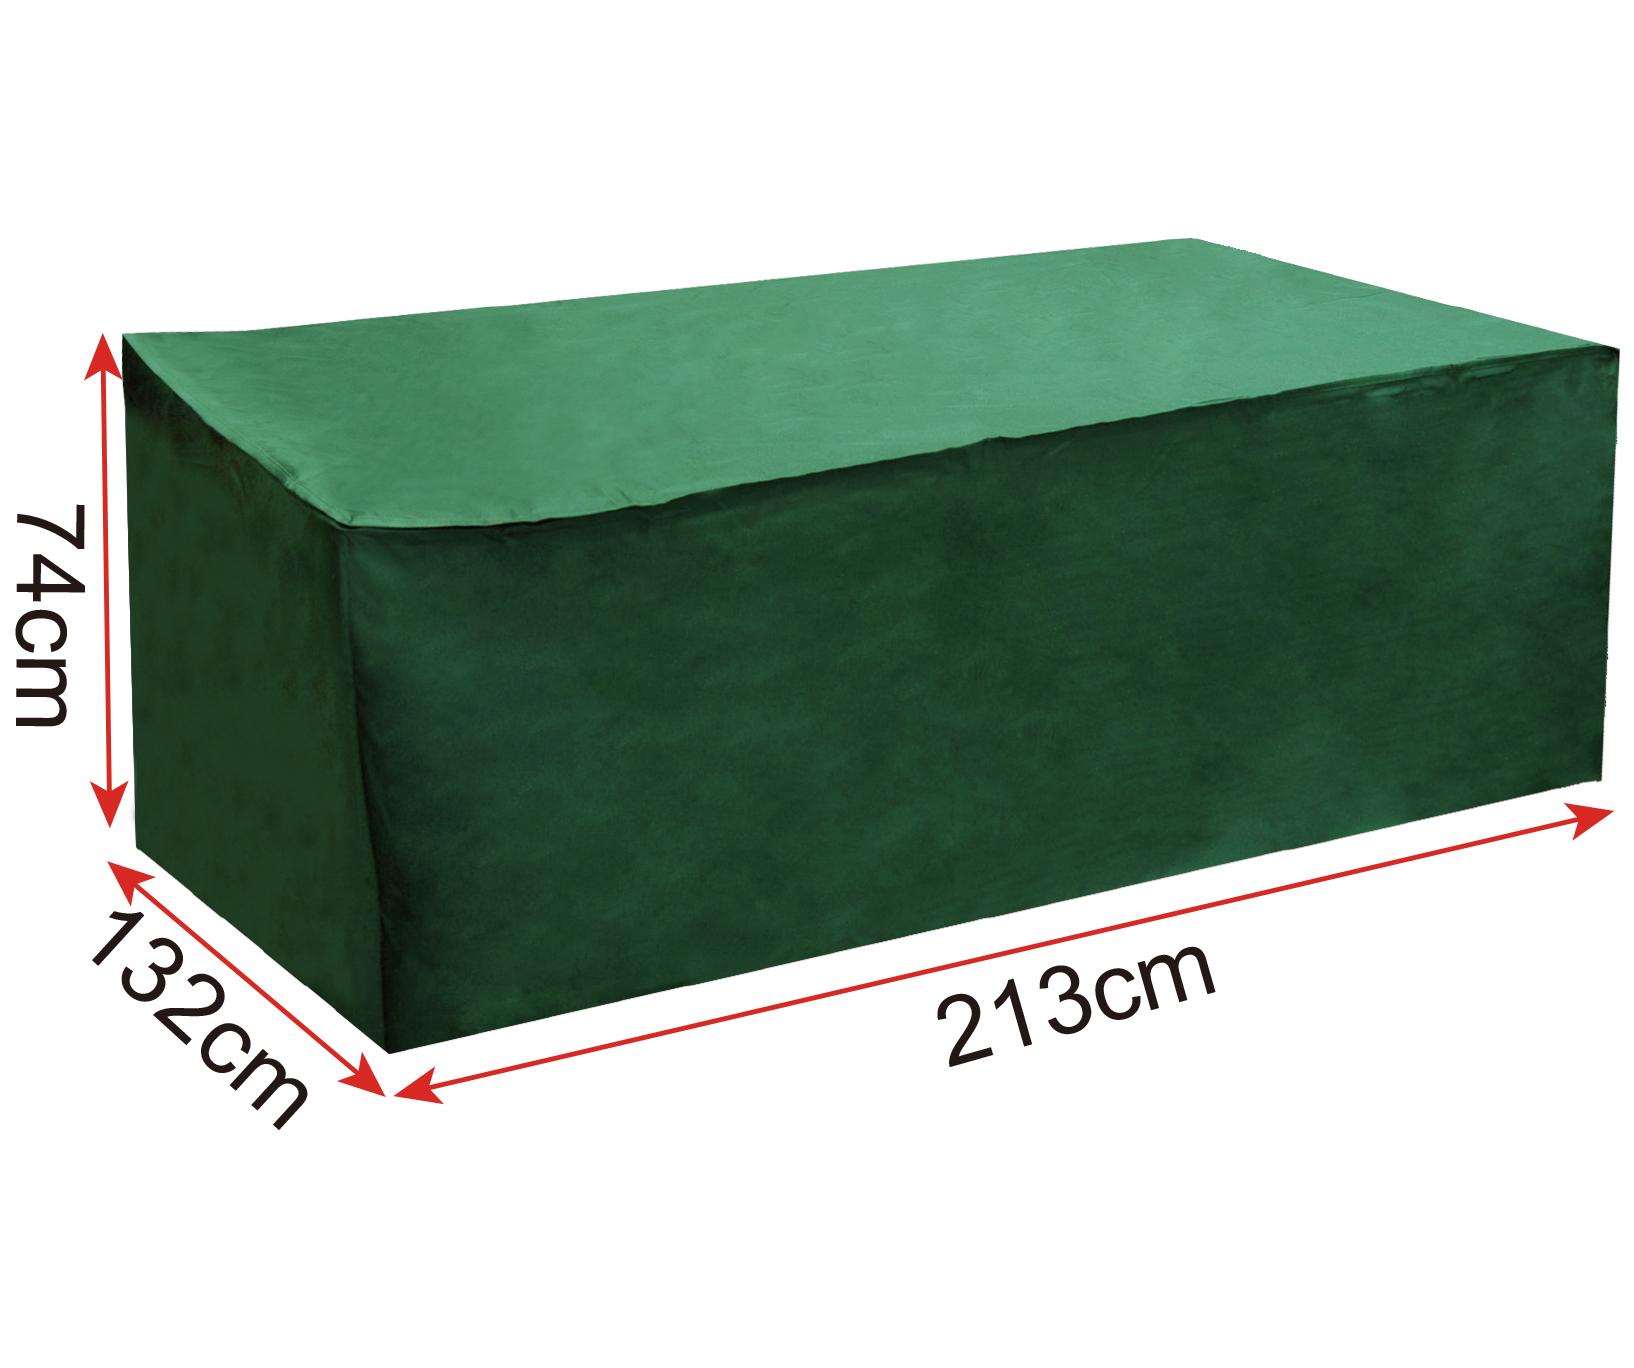 m belschutzh lle abdeckhaube gartentisch rechteckig abdeckplane garten gz1196gn ebay. Black Bedroom Furniture Sets. Home Design Ideas